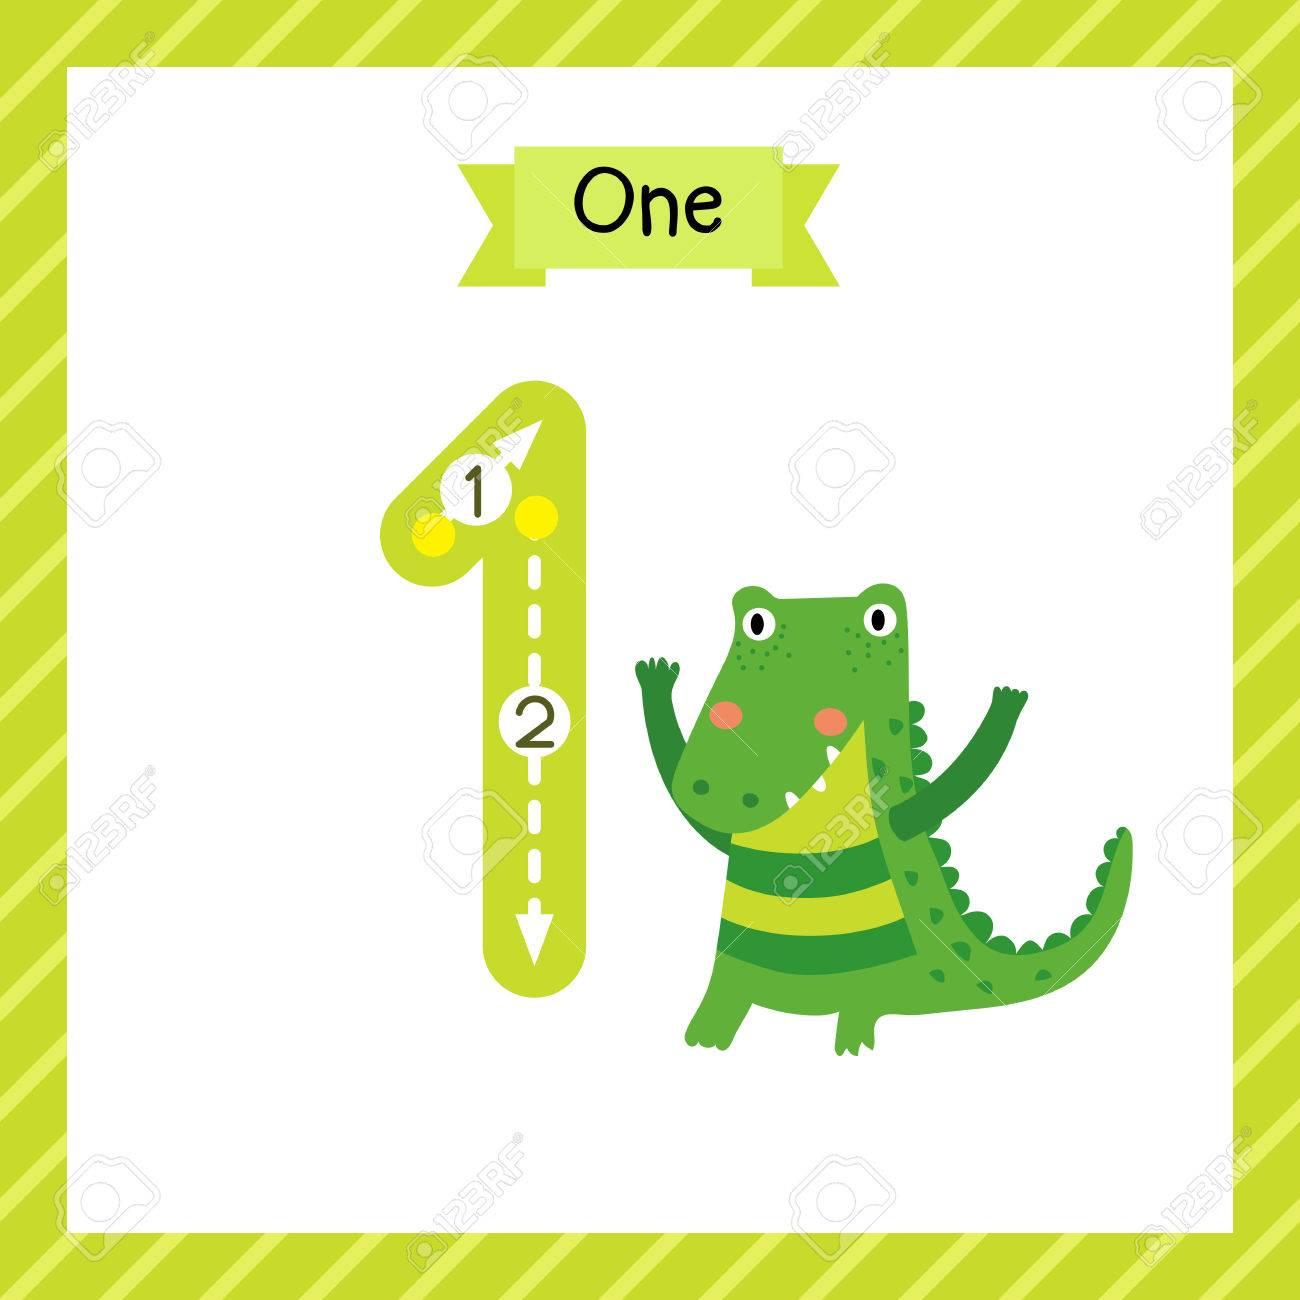 Nette Kinder Flashcard Nummer Eins Mit 1 Alligator Für Kinder Lernen ...